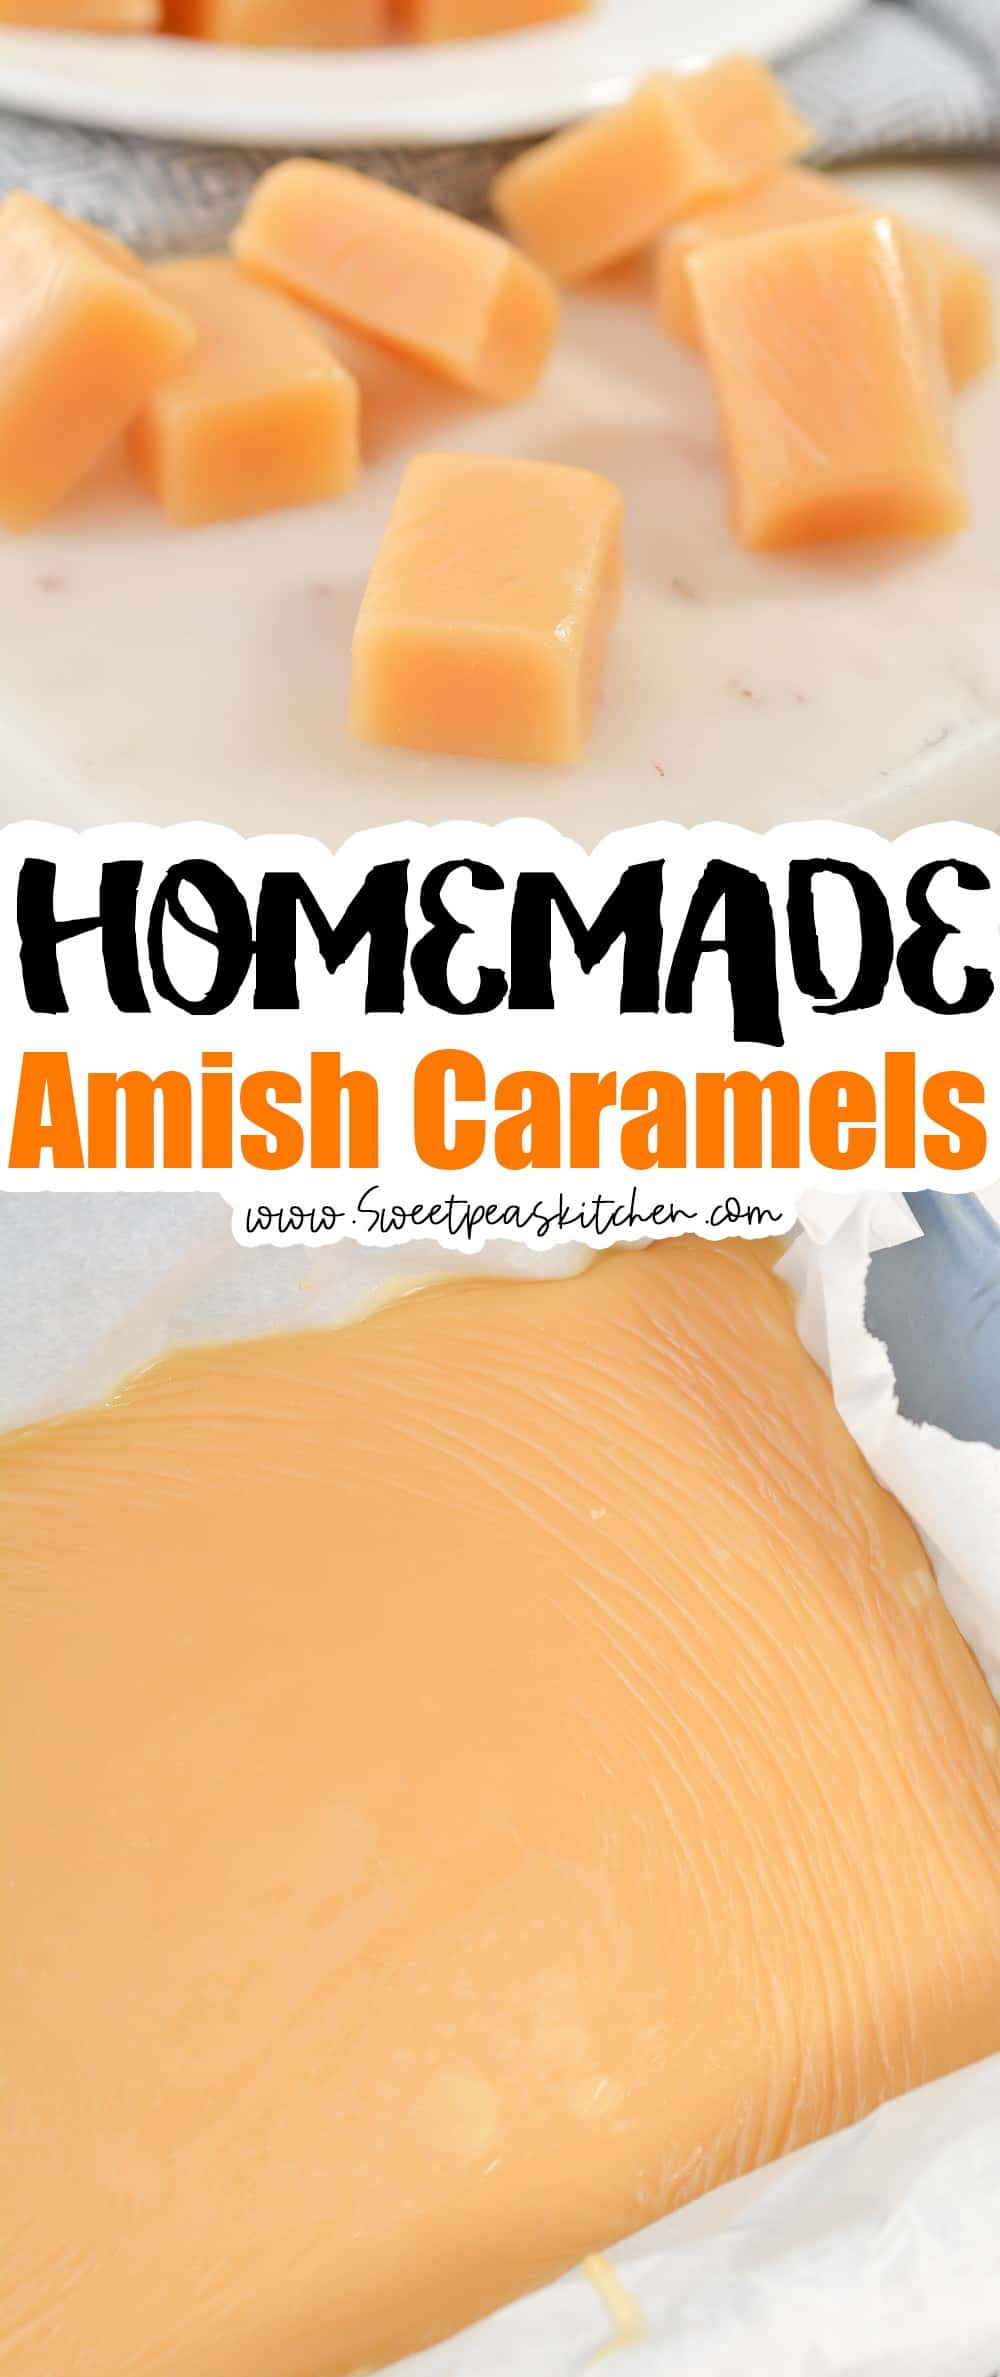 Homemade Amish Caramels